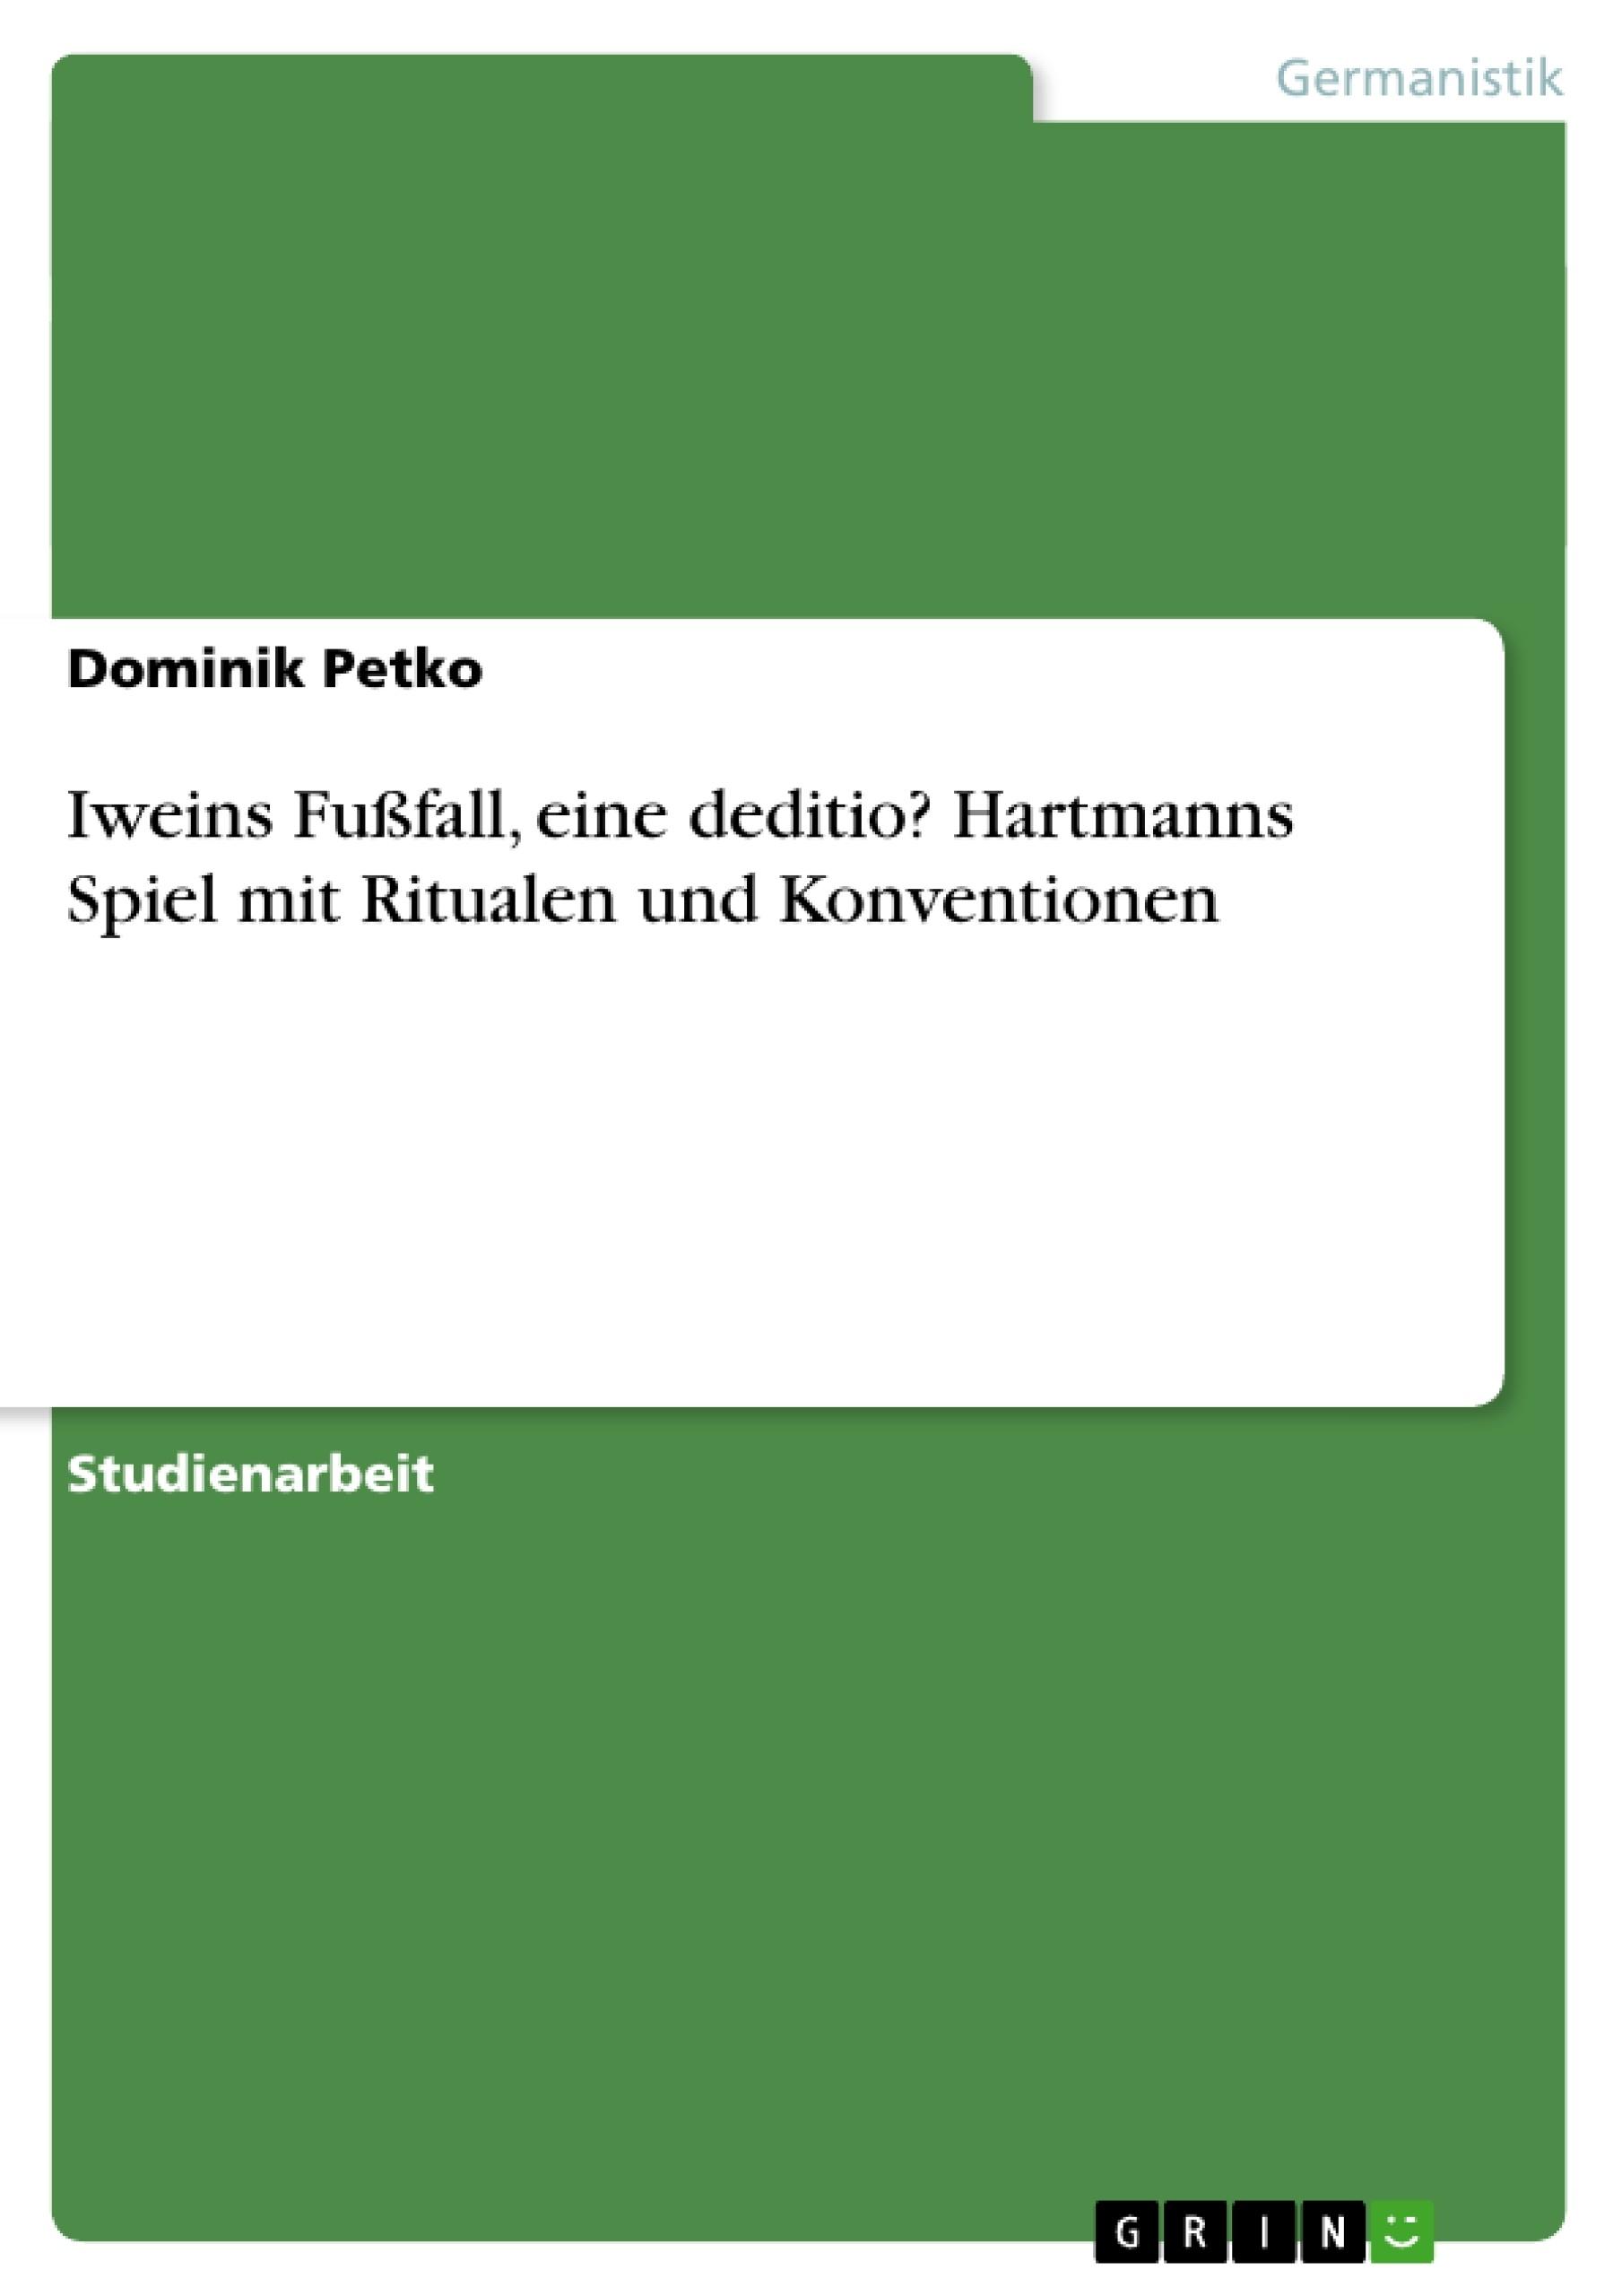 Titel: Iweins Fußfall, eine deditio? Hartmanns Spiel mit Ritualen und Konventionen